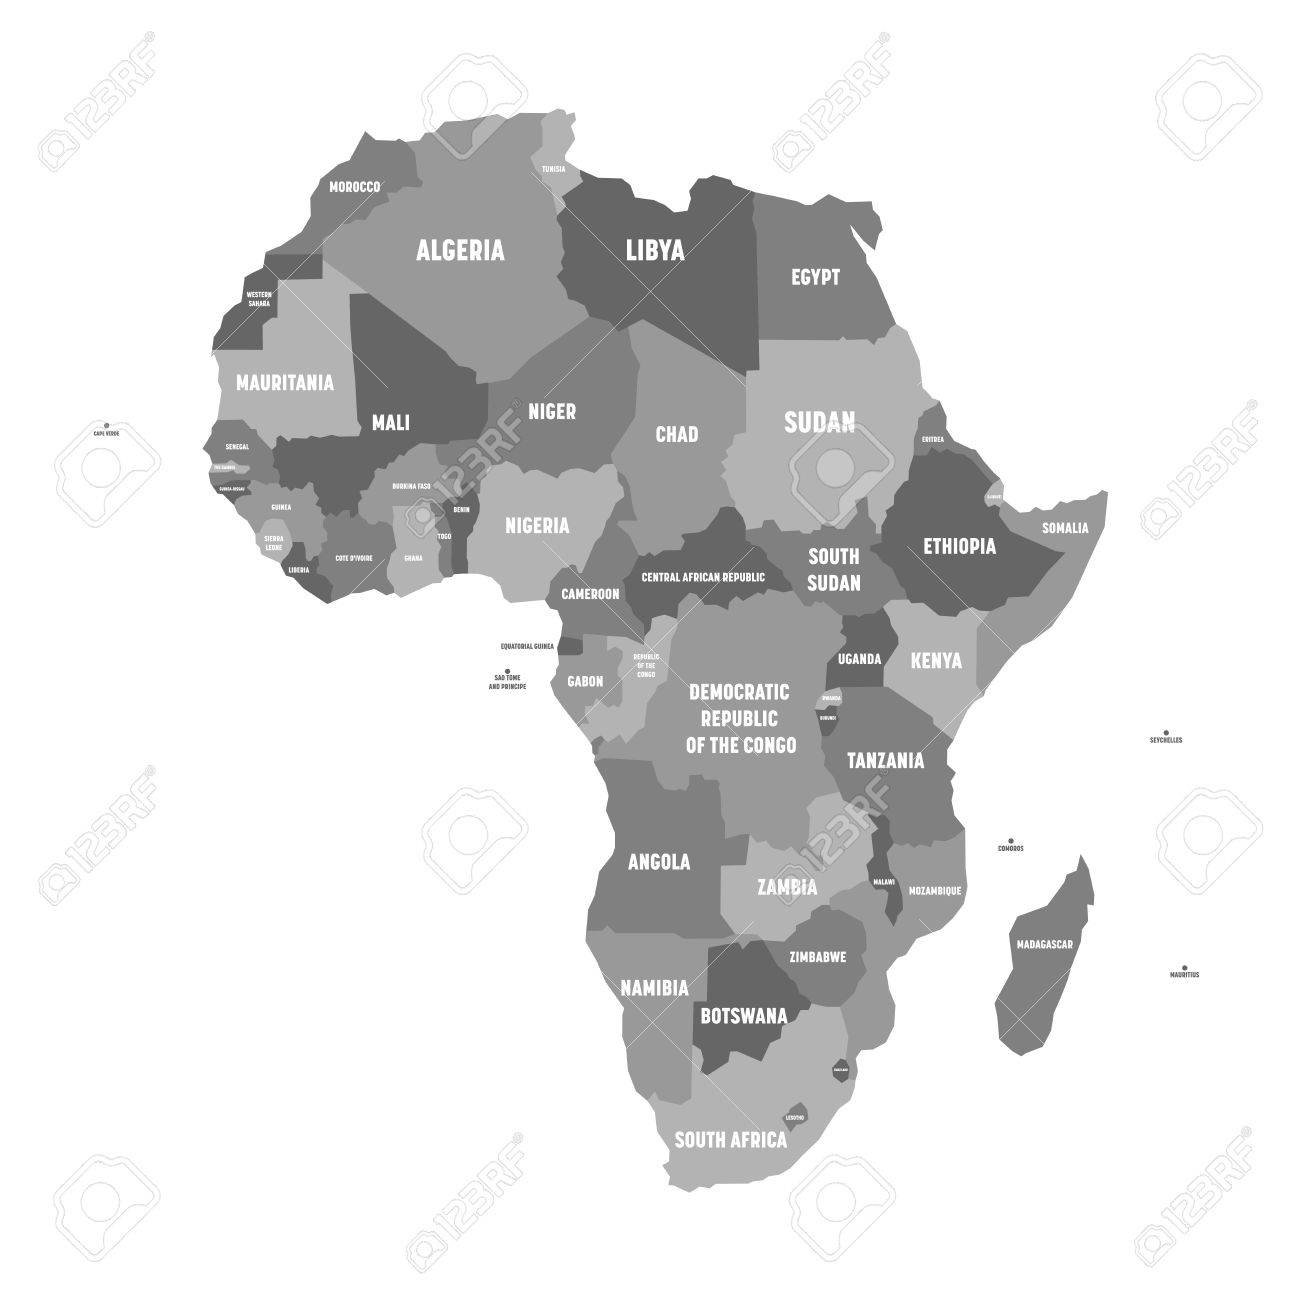 Cartina Dell Africa In Bianco E Nero.Immagini Stock Mappa Politica Dell Africa In Quattro Tonalita Di Grigio Con Etichette Di Nome Paese Bianco Su Sfondo Bianco Illustrazione Vettoriale Image 81149785